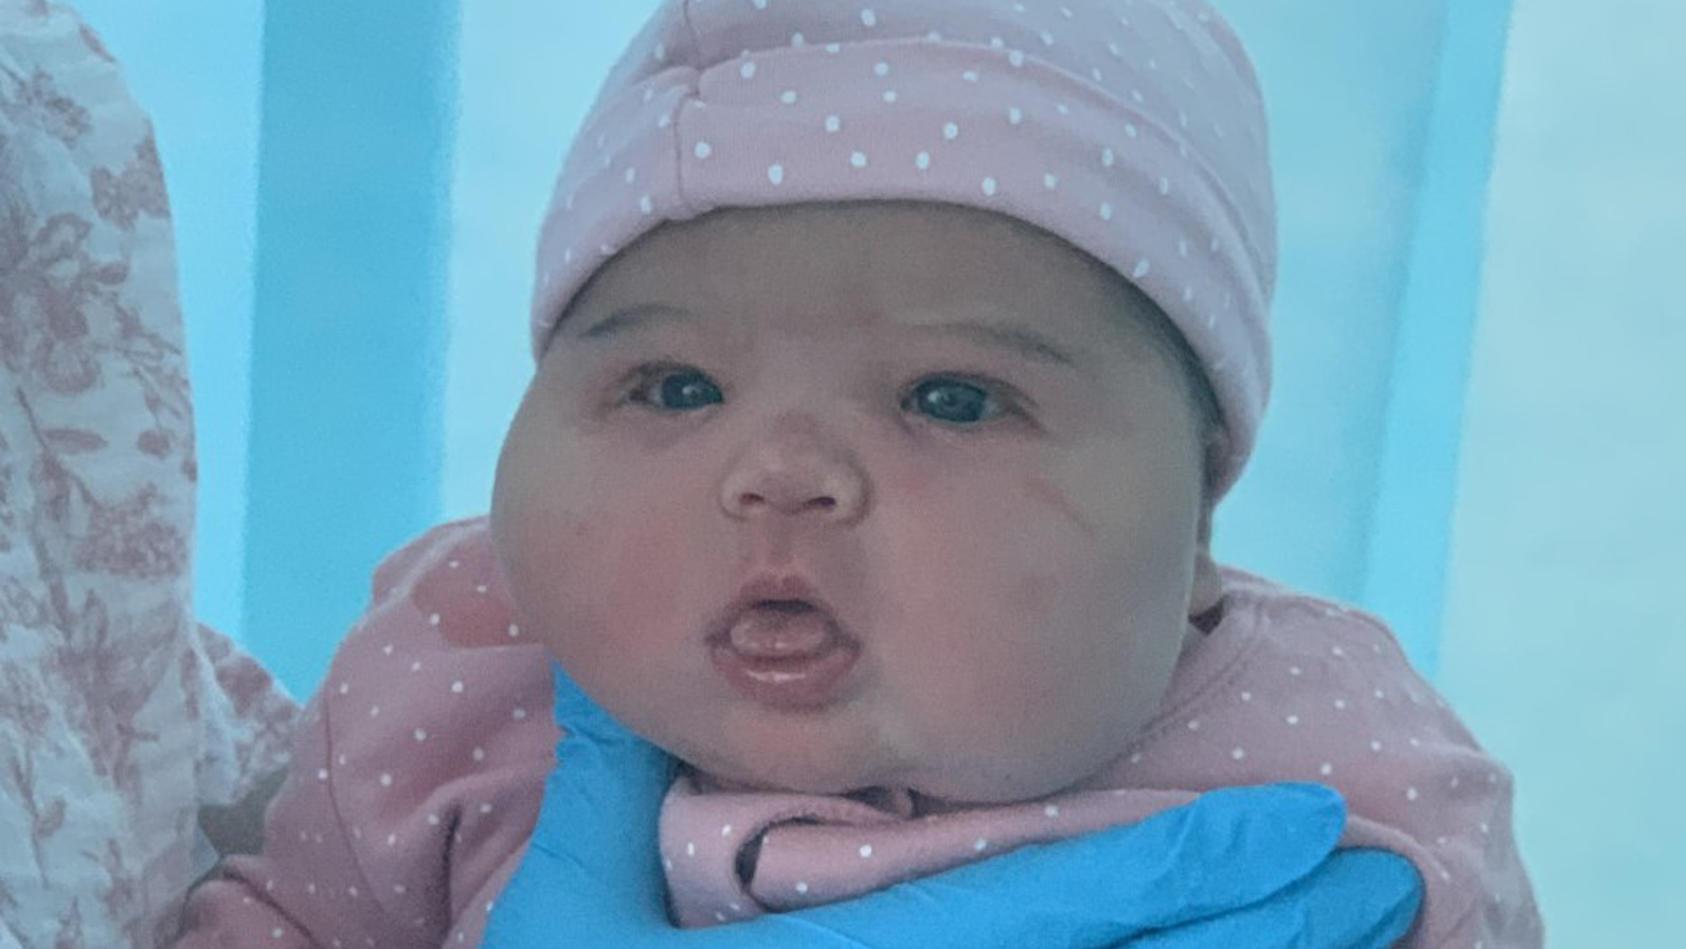 """""""Herzlichen Glückwunsch, Sie haben ein Kleinkind bekommen"""", beglückwünschte das Krankenhauspersonal Amber nach der Geburt ihrer 6 Kilo schweren Tochter Emilia."""